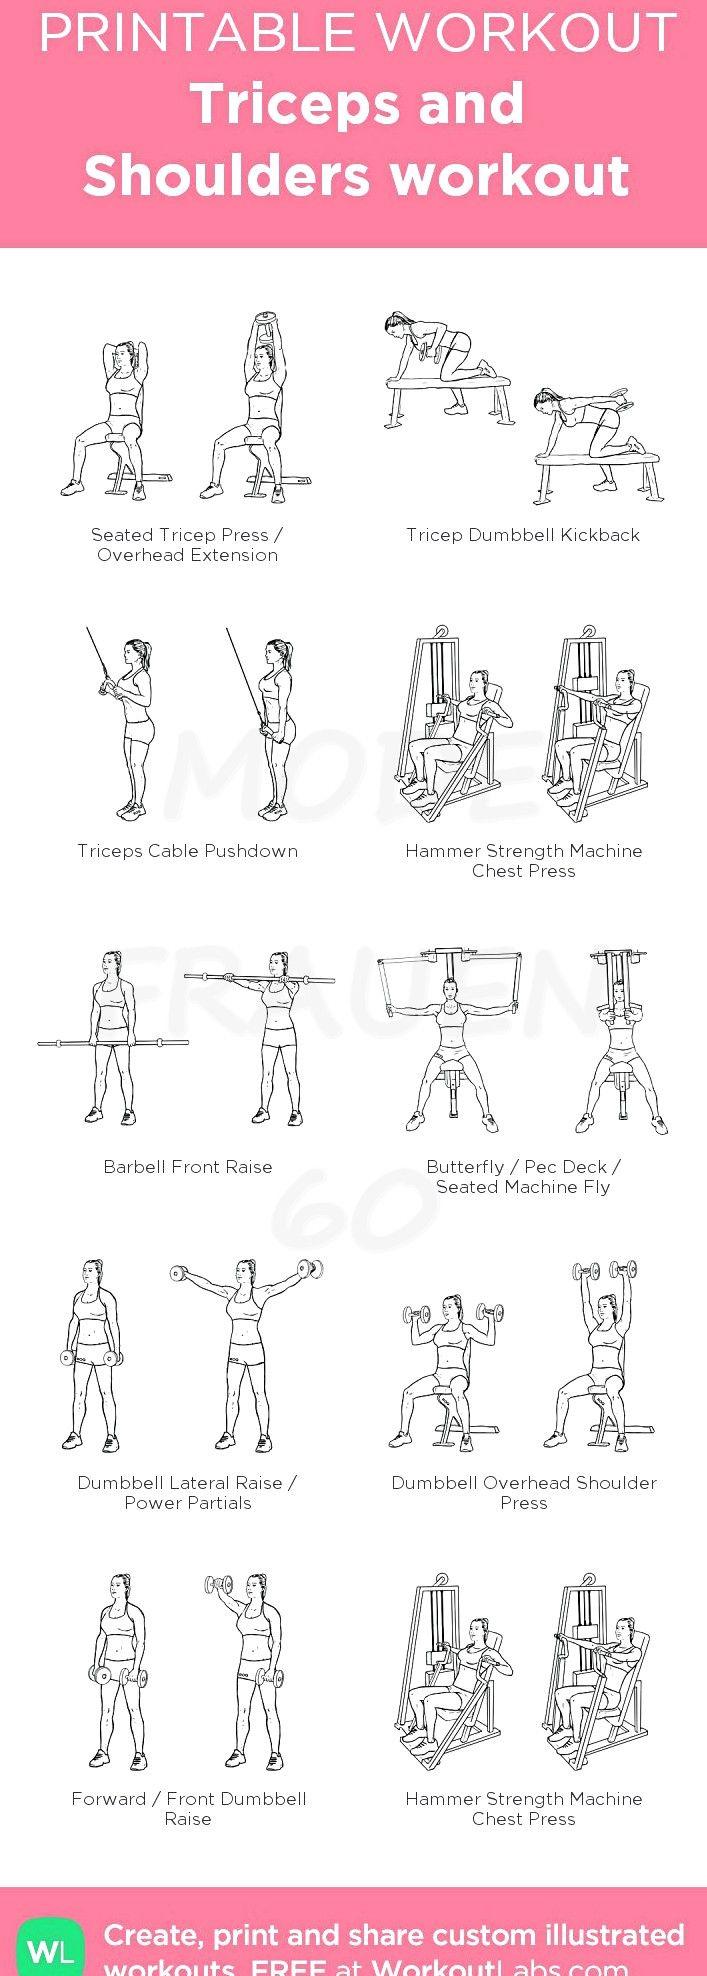 Trizeps- und Schulter-Workout: Mein visuelles Workout, das bei WorkoutLabs.com erstellt wurde. • Klicken Sie bis